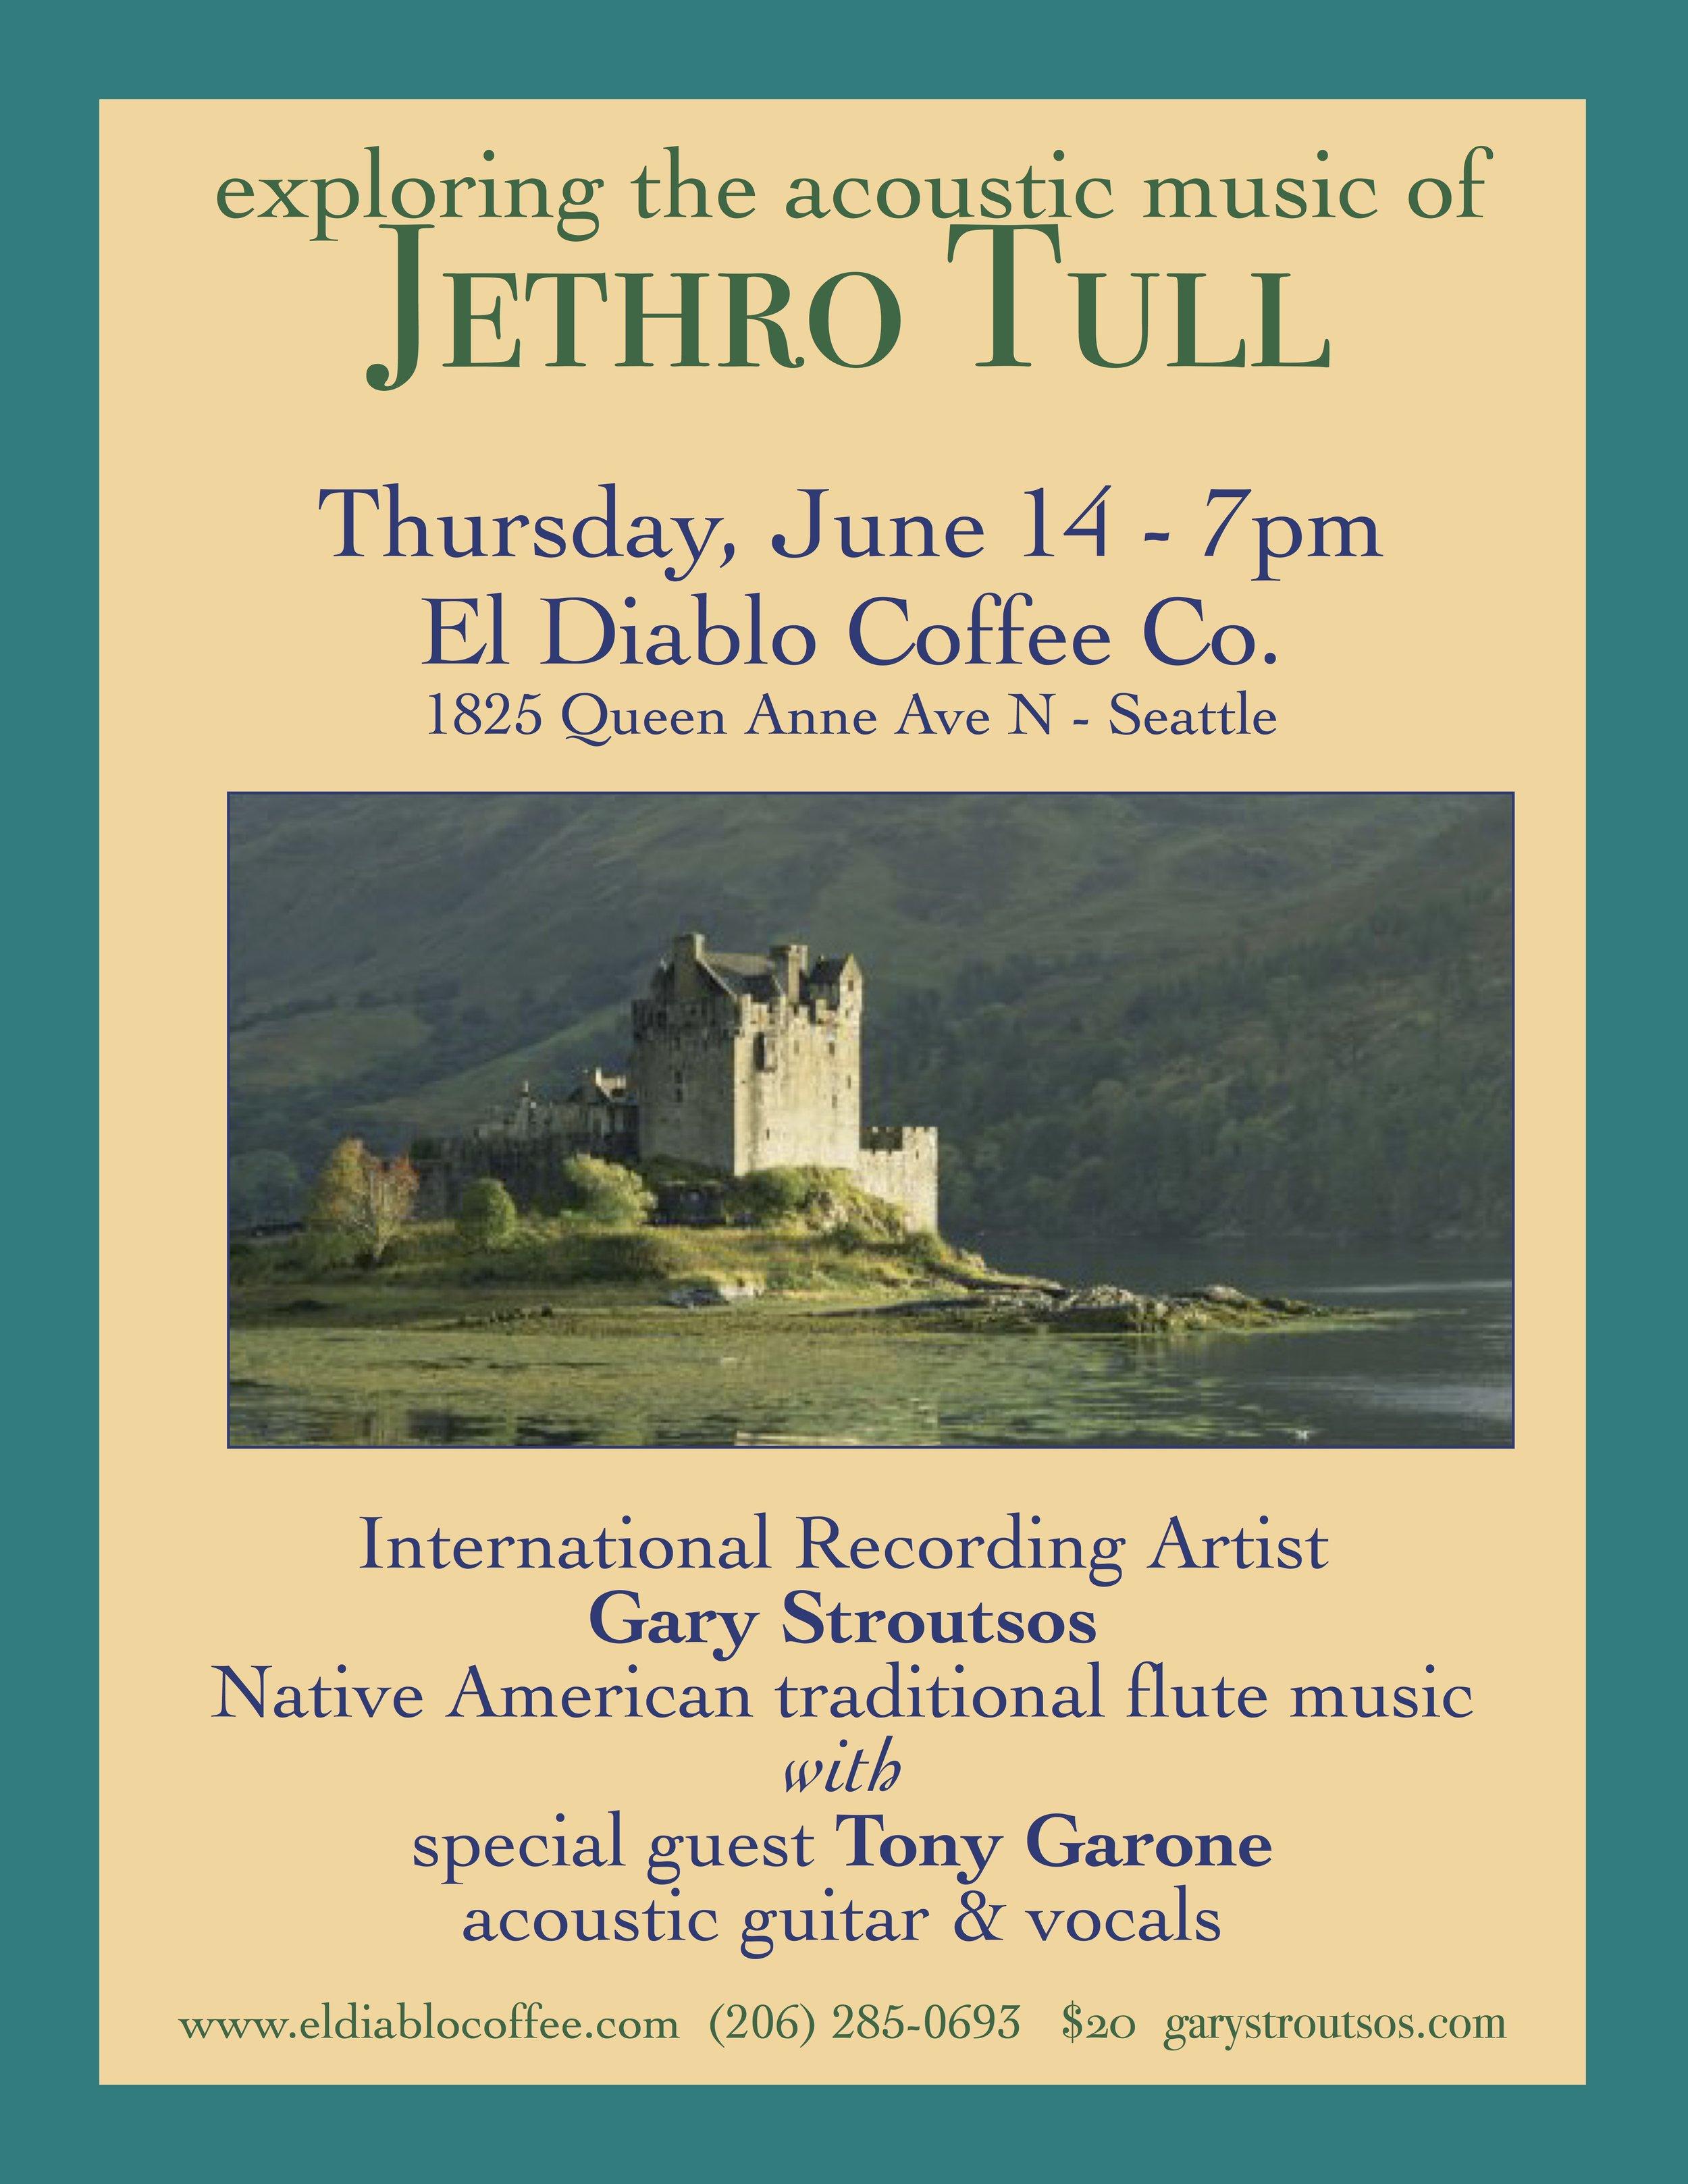 jethro tull castle.jpg